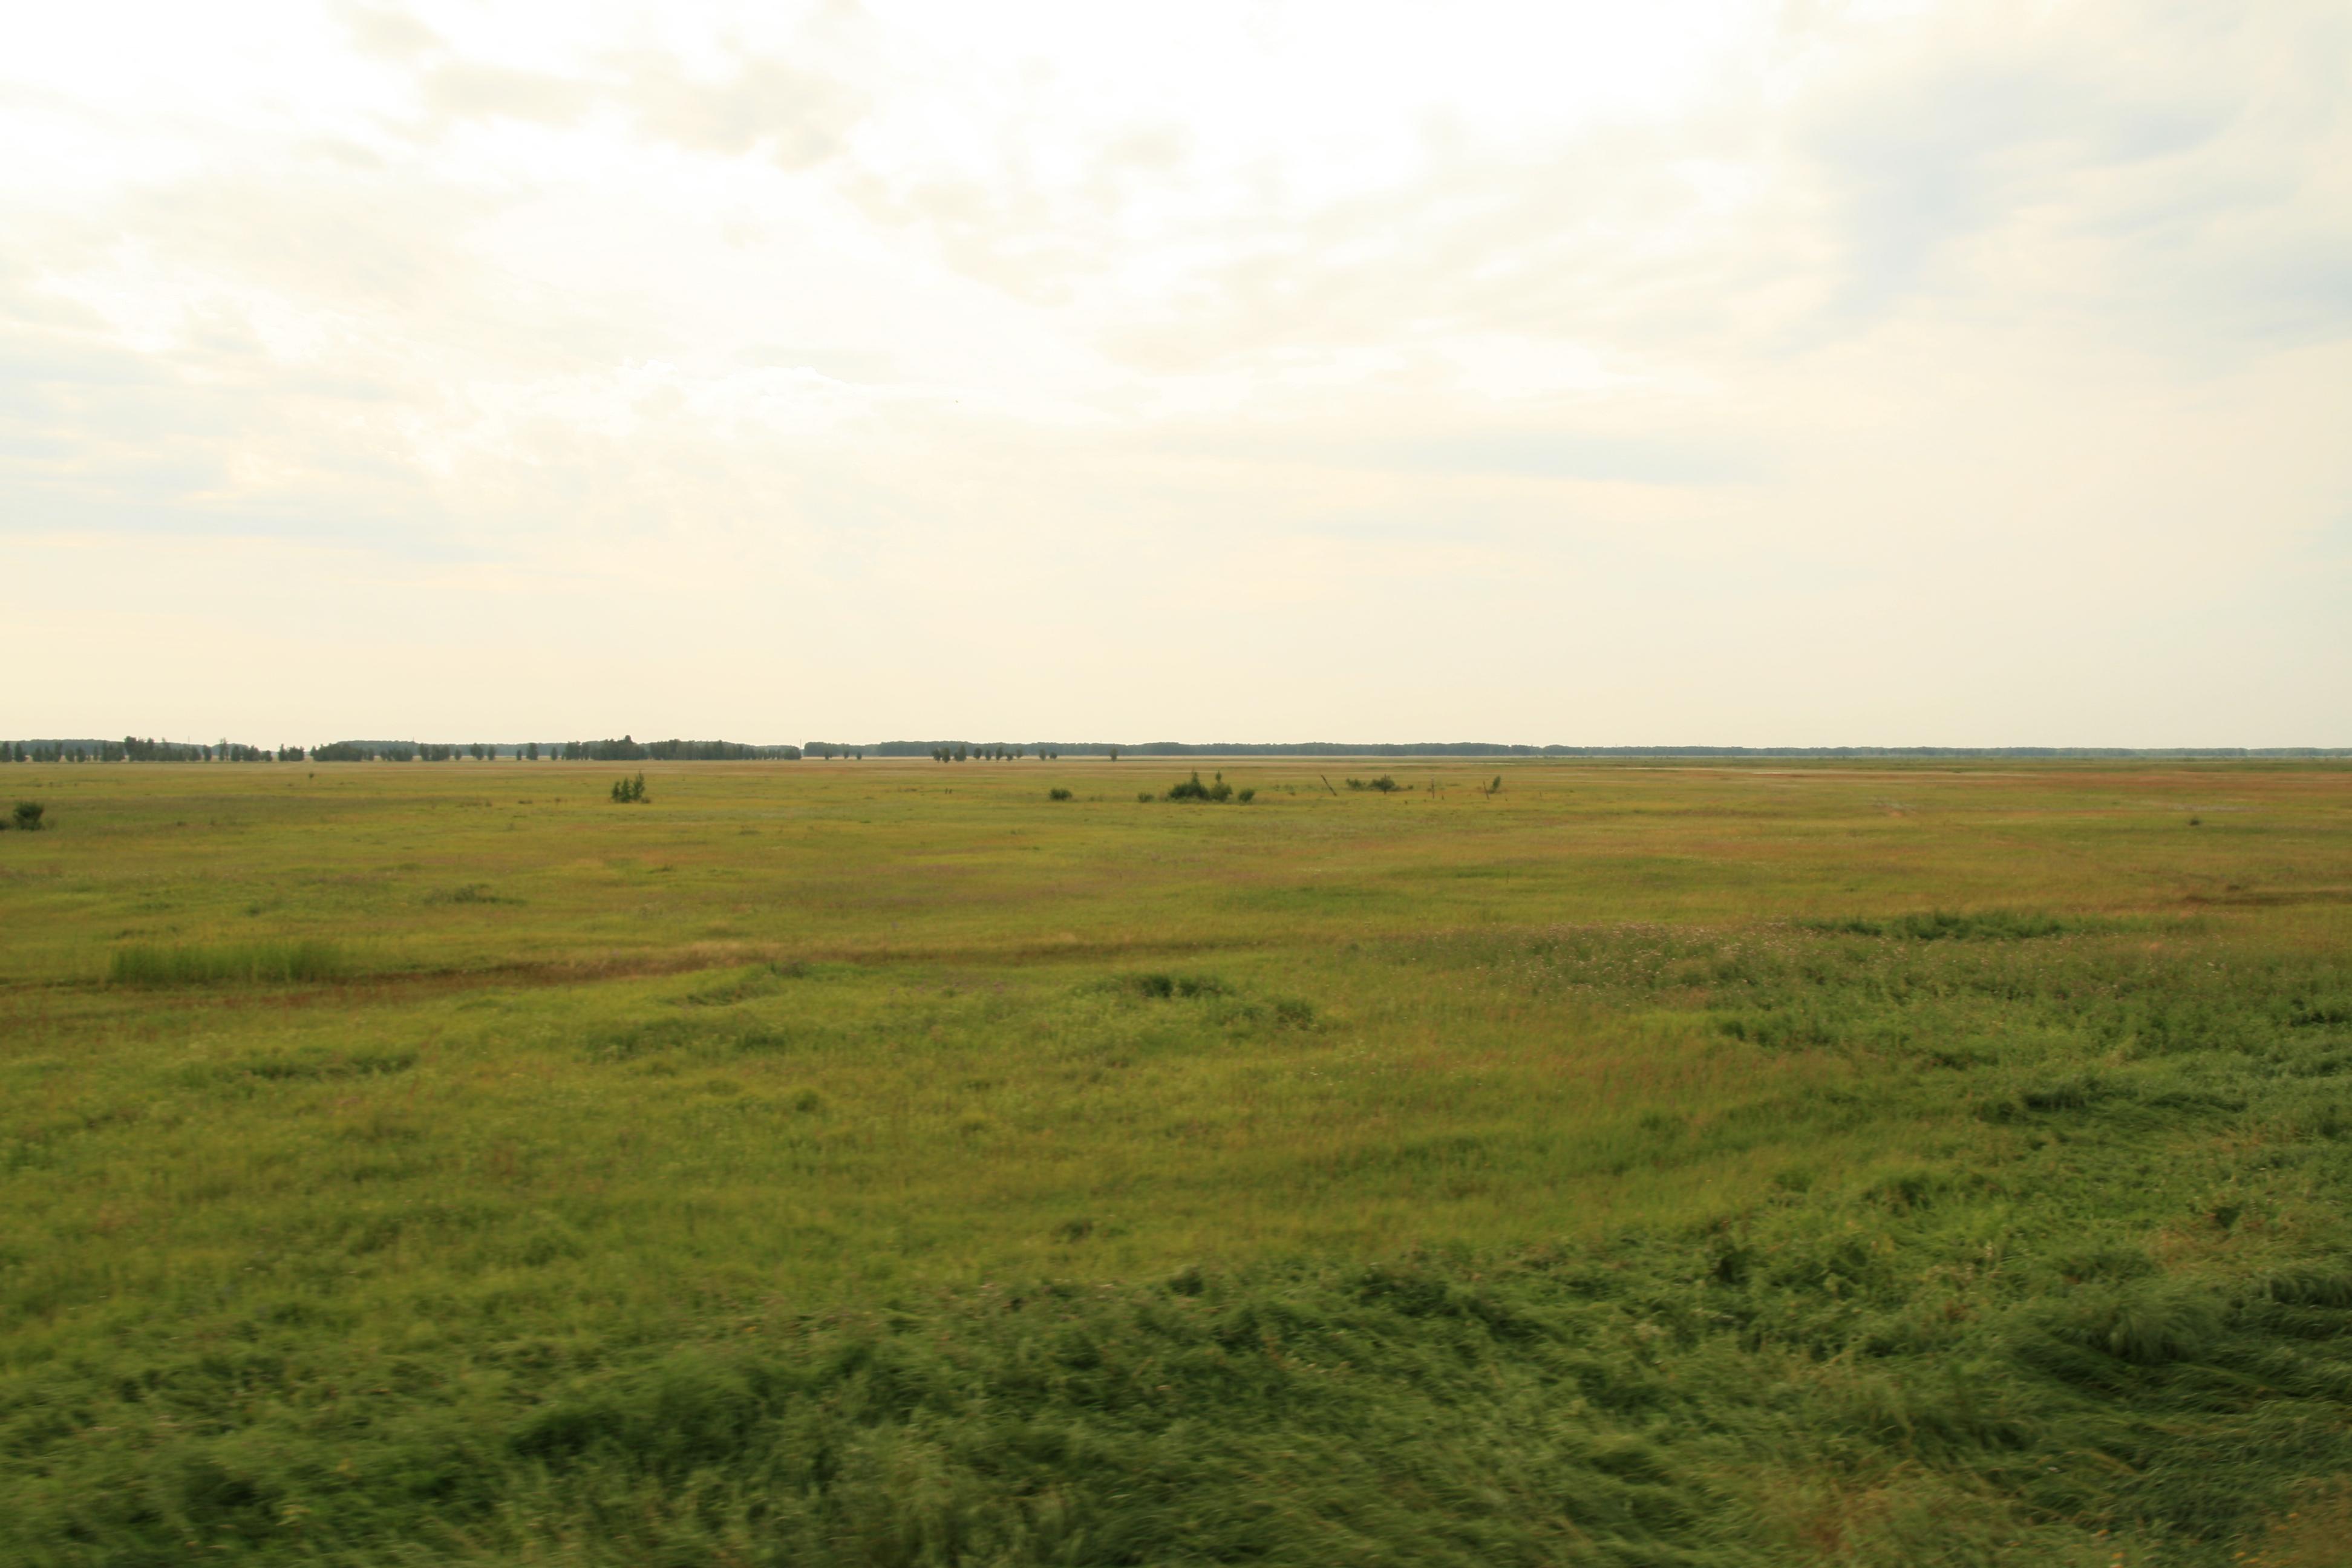 File:Siberian steppe.jpg - Wikipedia, the free encyclopedia: en.wikipedia.org/wiki/file:siberian_steppe.jpg